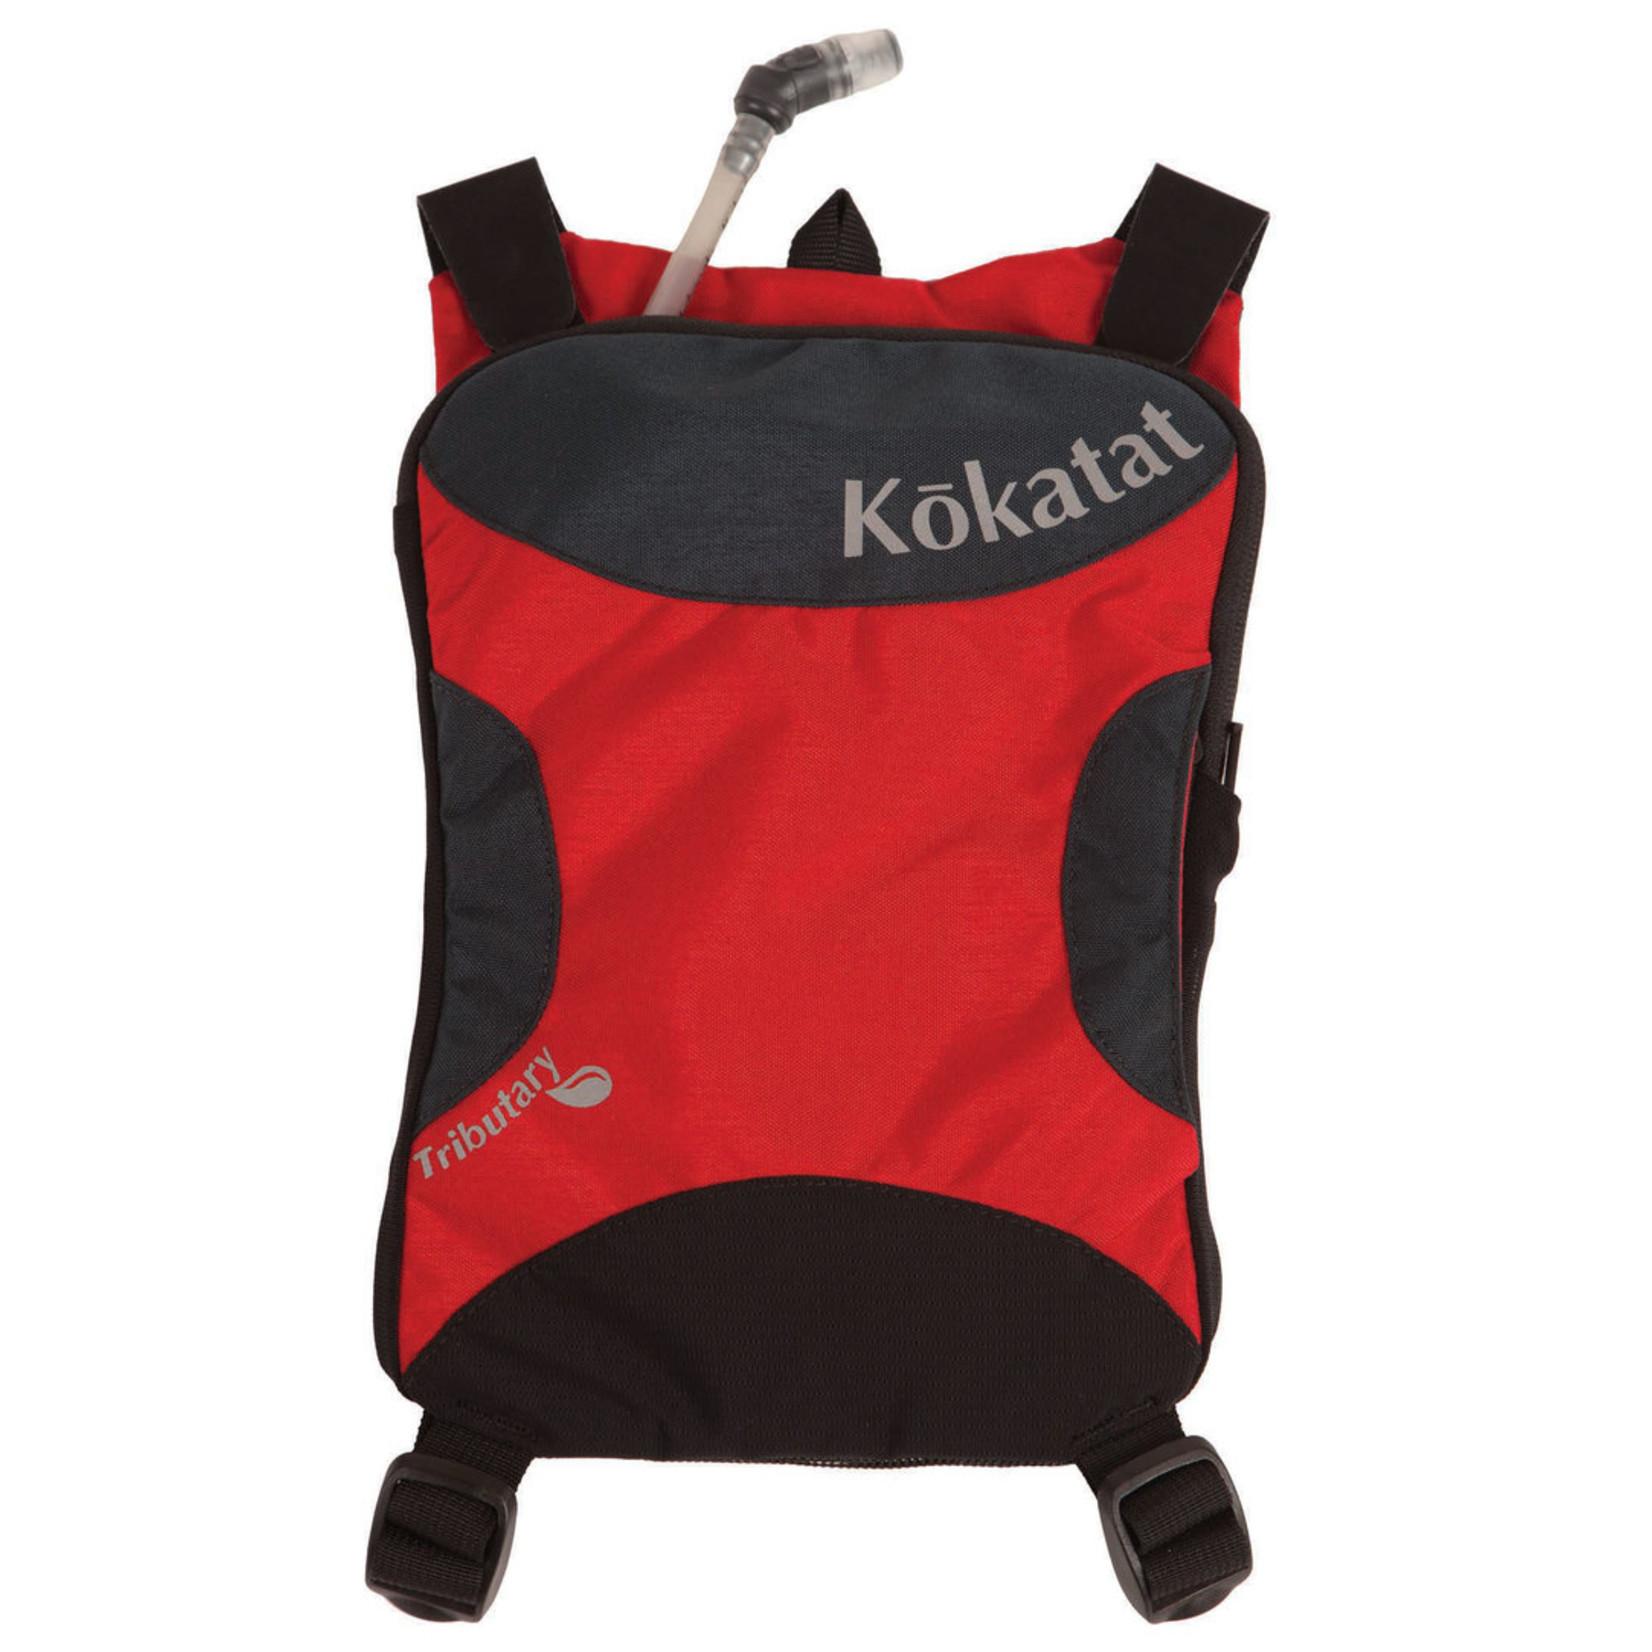 Kokatat Kokatat Tributary Hydration System